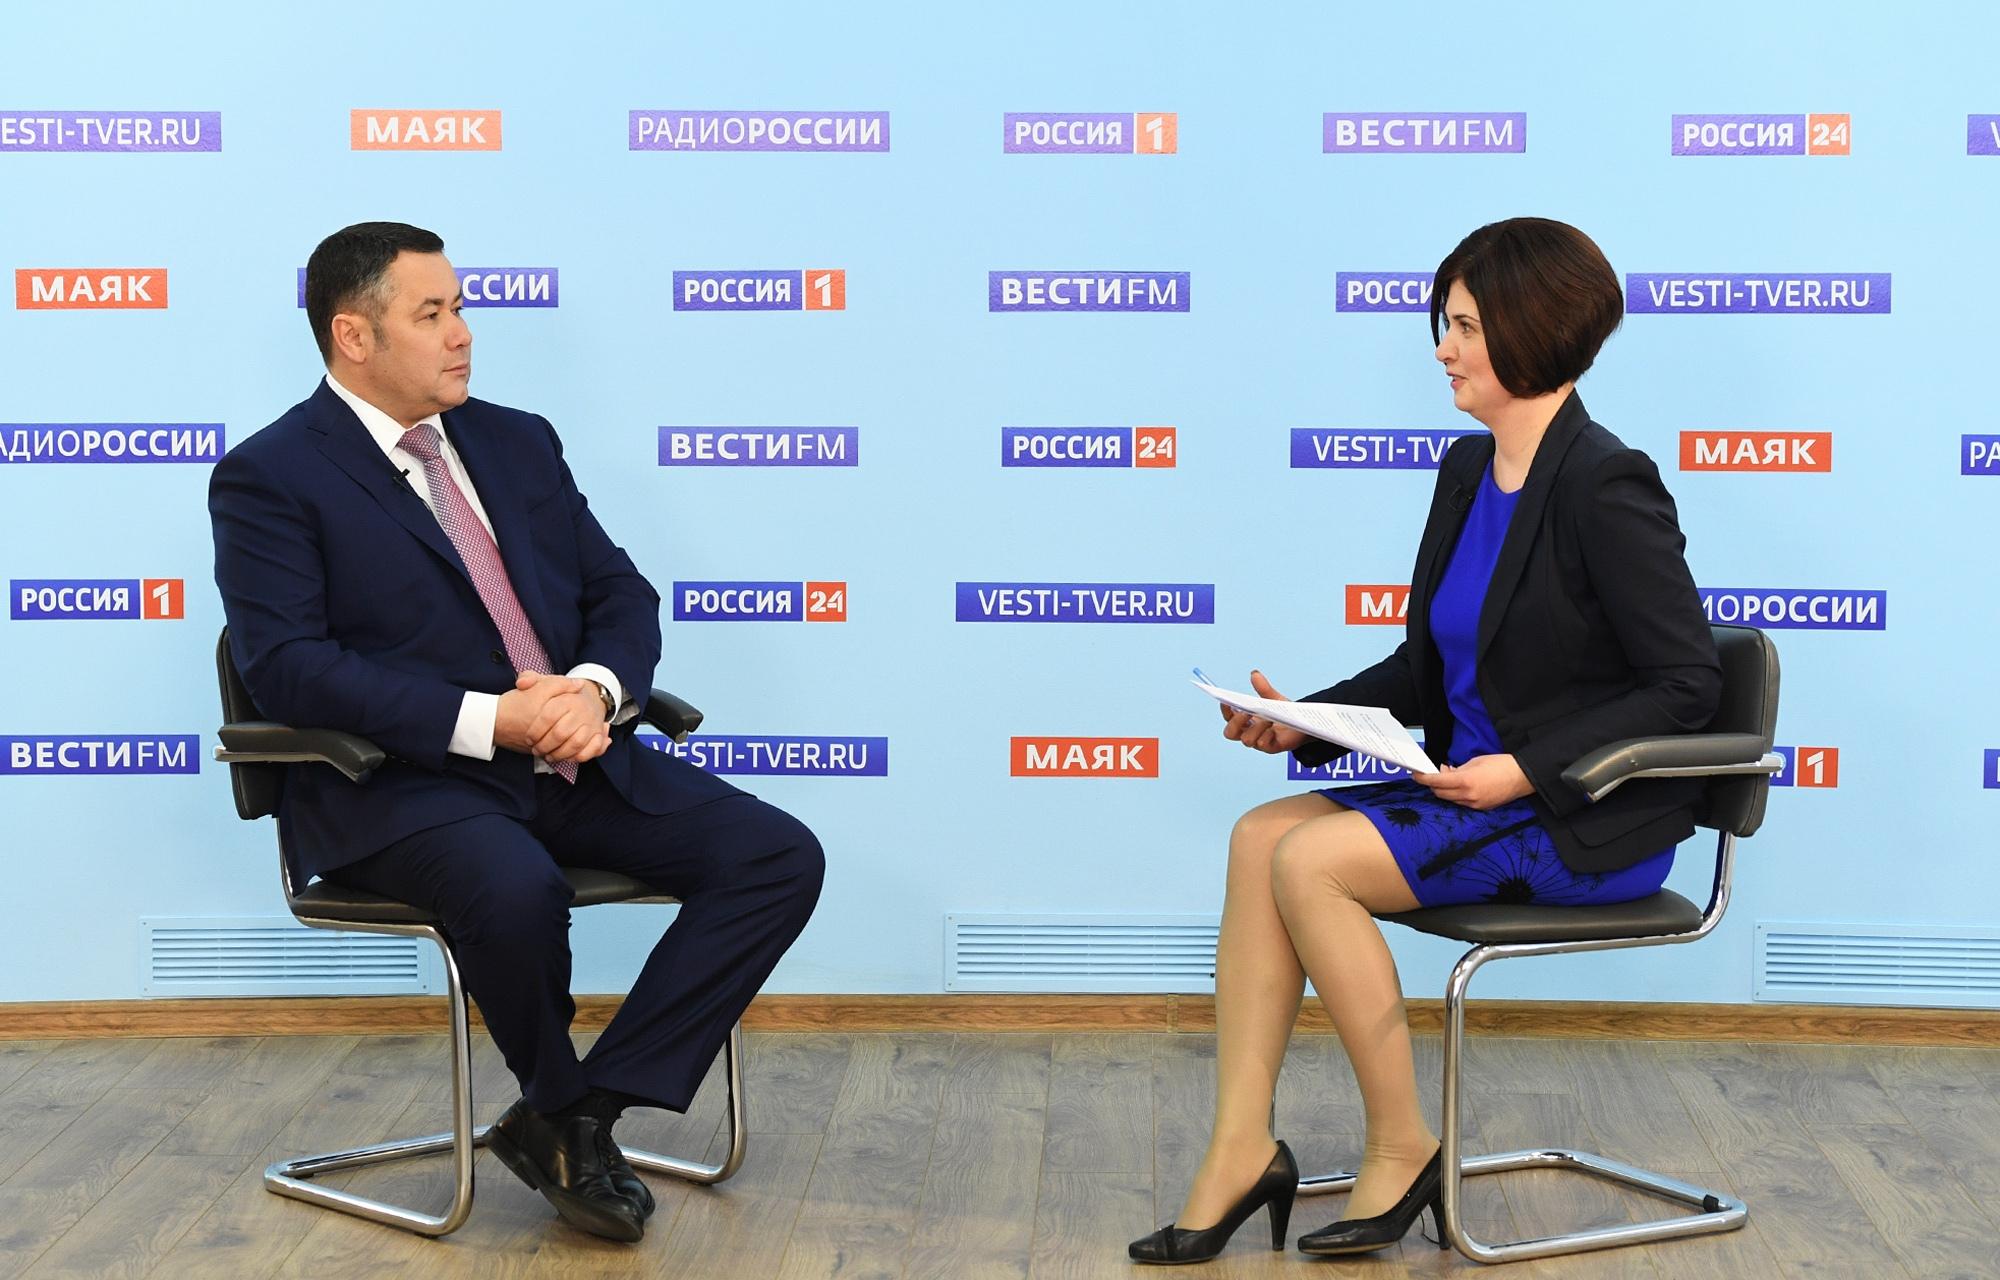 Прямой эфир с участием губернатора можно будет посмотреть на телеканале «Россия 24» Тверь и в интернете